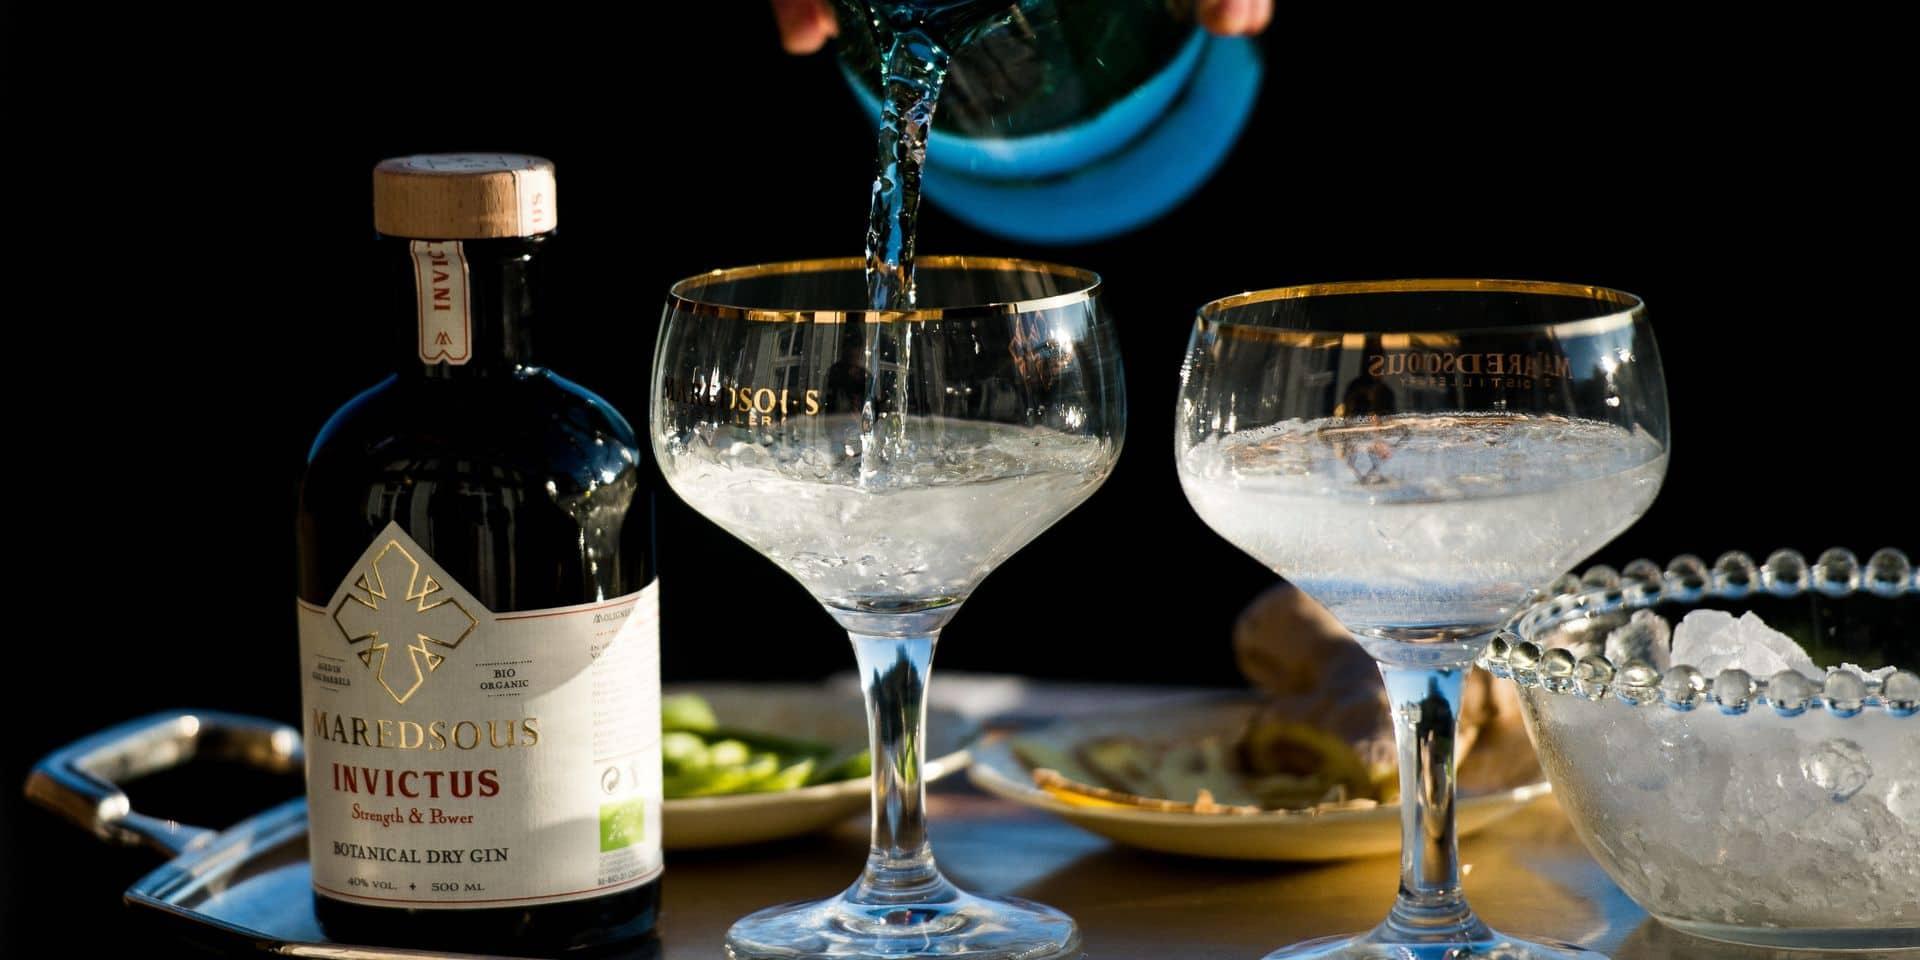 Concours Apéro : La DH vous offre 10 bouteilles de Gin de Maredsous et une réduction de 7% sur le Eshop